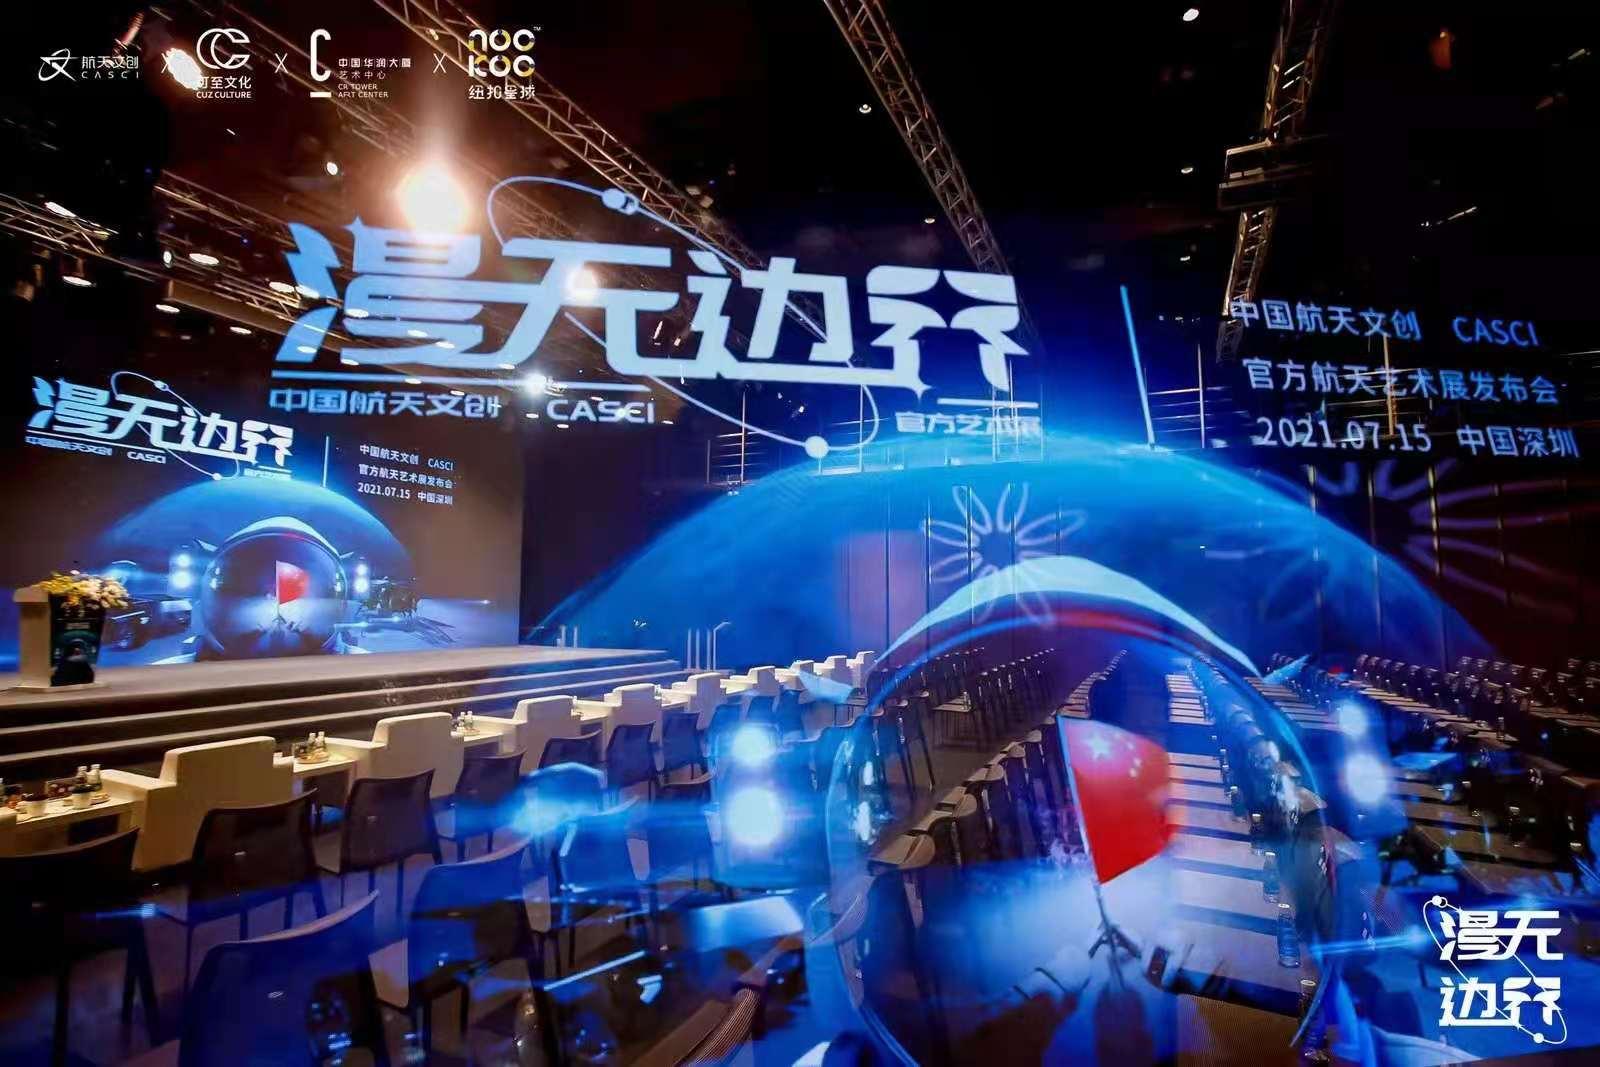 中国航天文创CASCI亮相LEC全球授权展